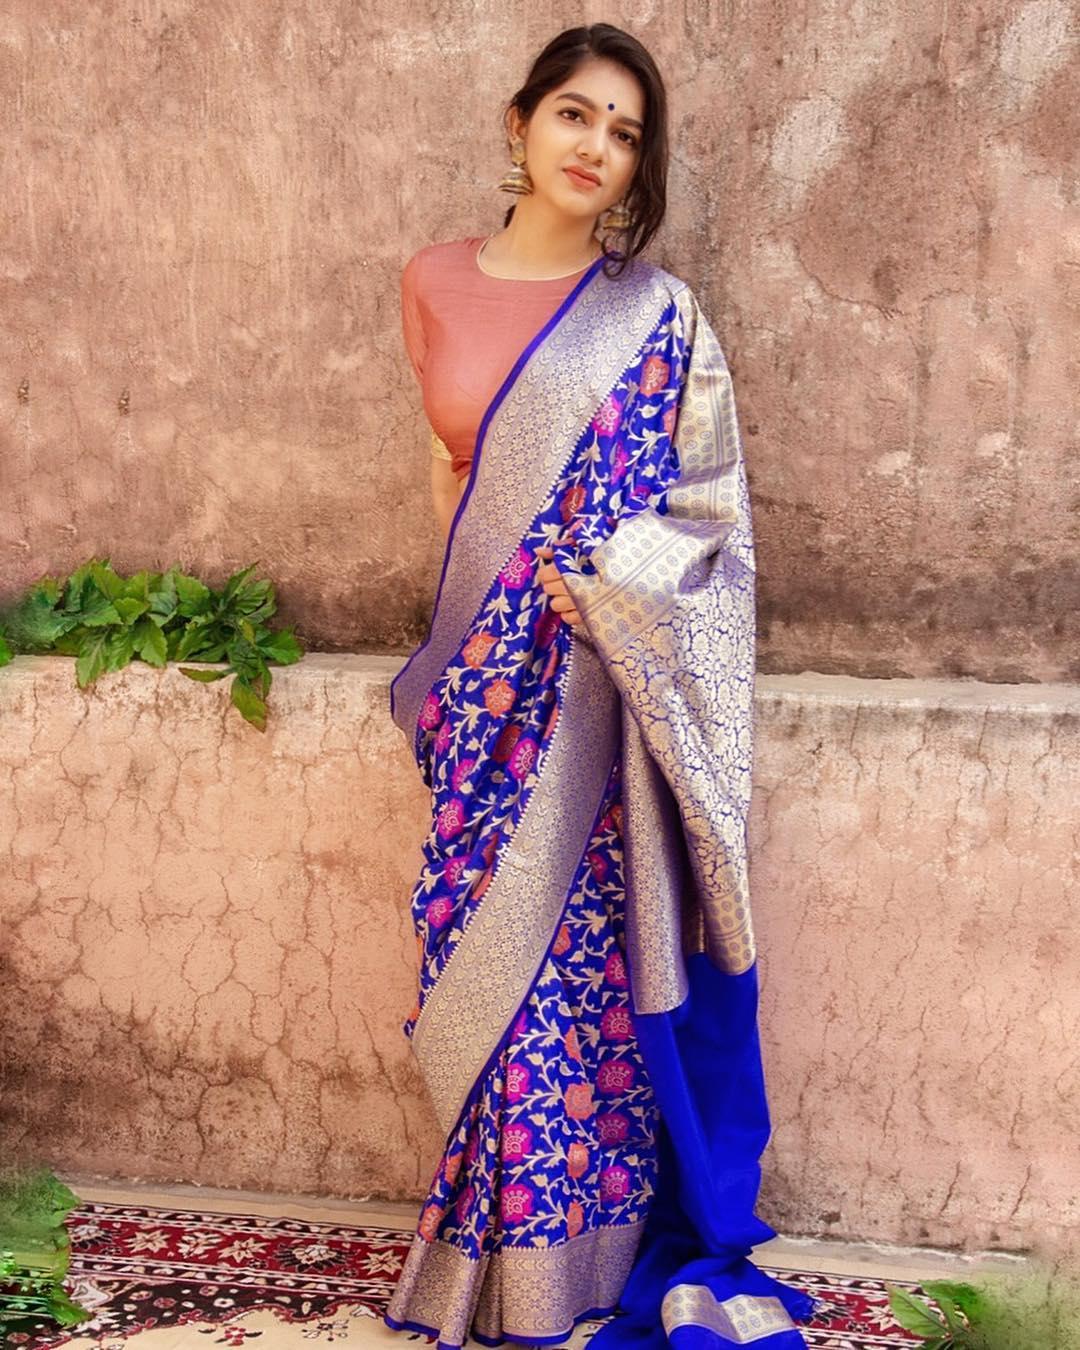 banarasi-sarees-latest-designs-6